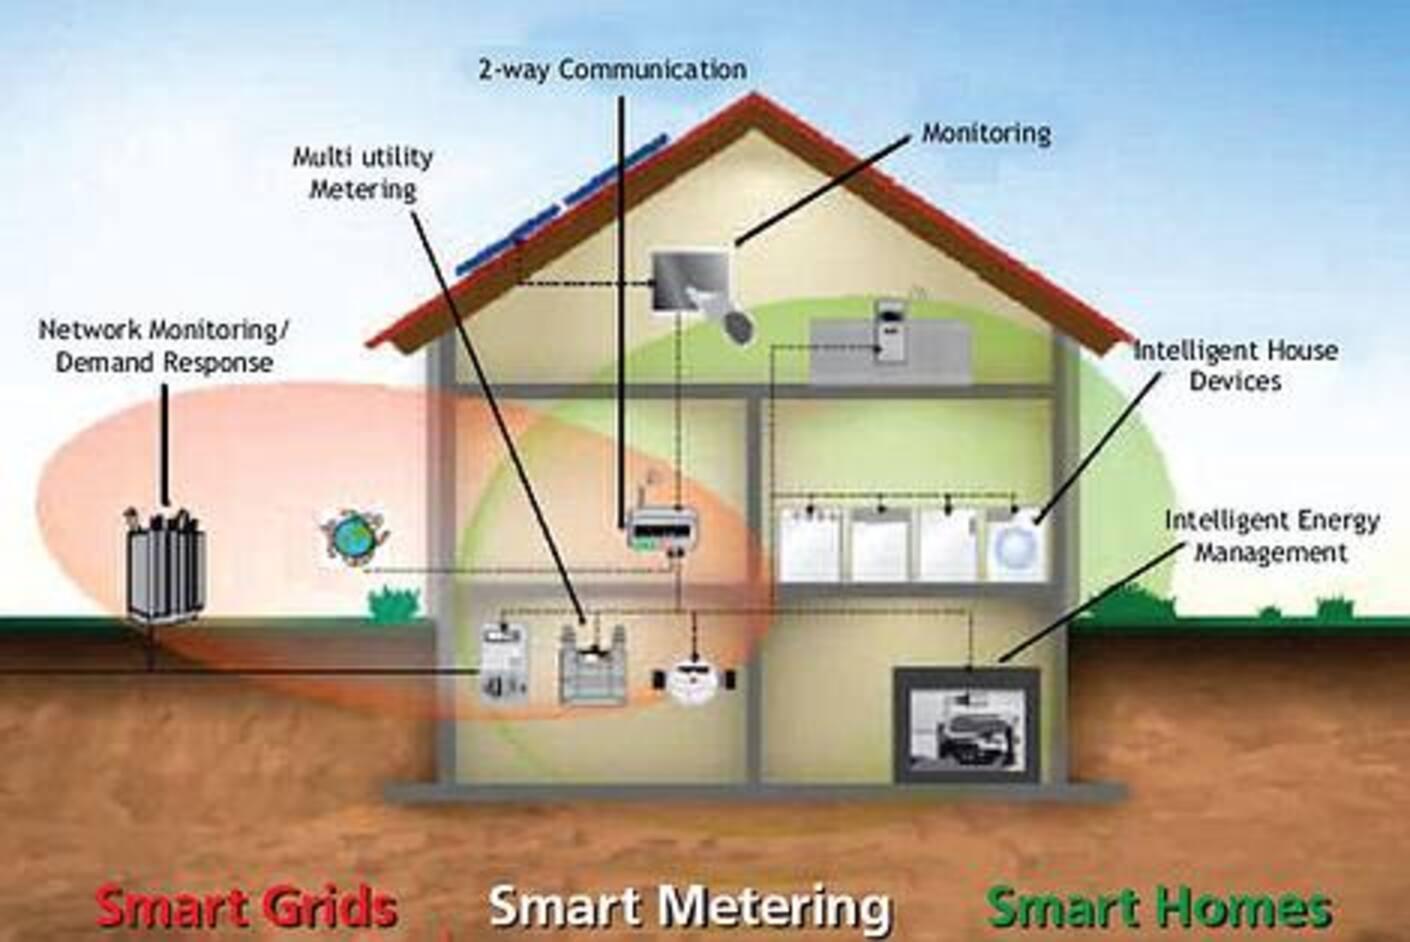 Smart Metering Soll In Verbindung Mit Intelligenten Endgeräten Wie  Waschmaschinen Und Home Entertainment Systemen Den Verbrauch Von Strom Und  Wasser ...